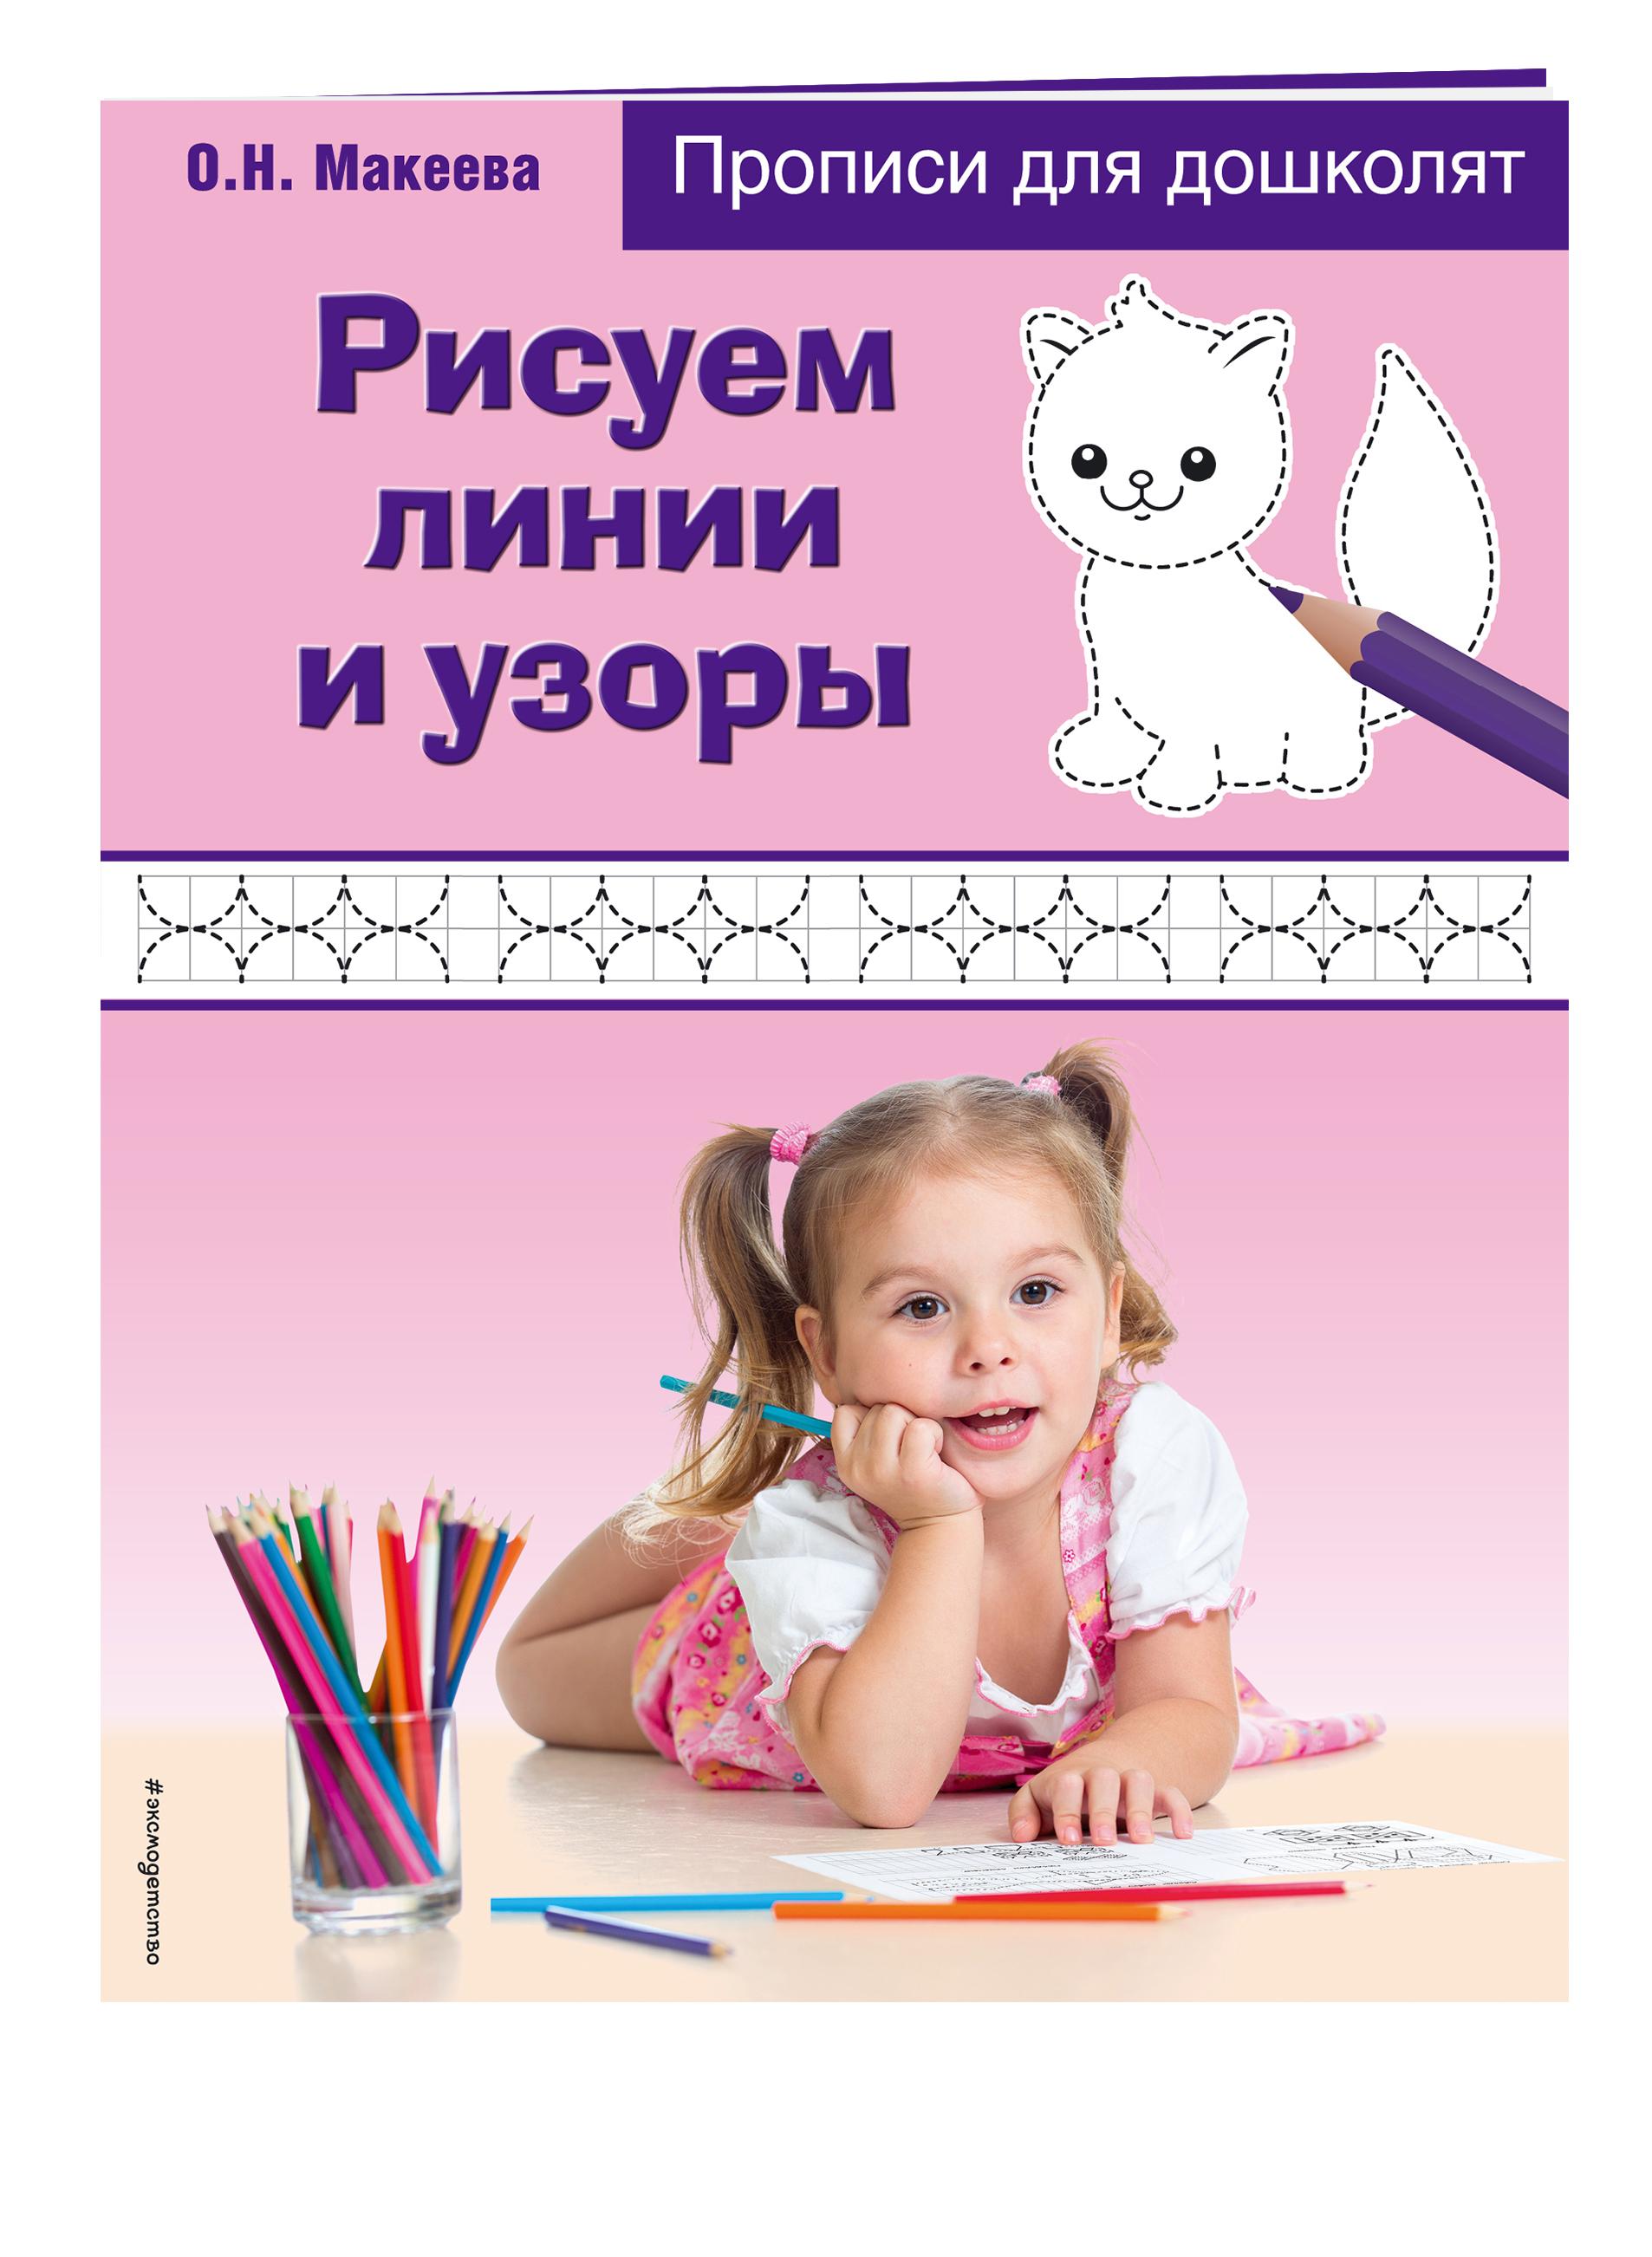 Рисуем линии и узоры ( Макеева О.Н.  )